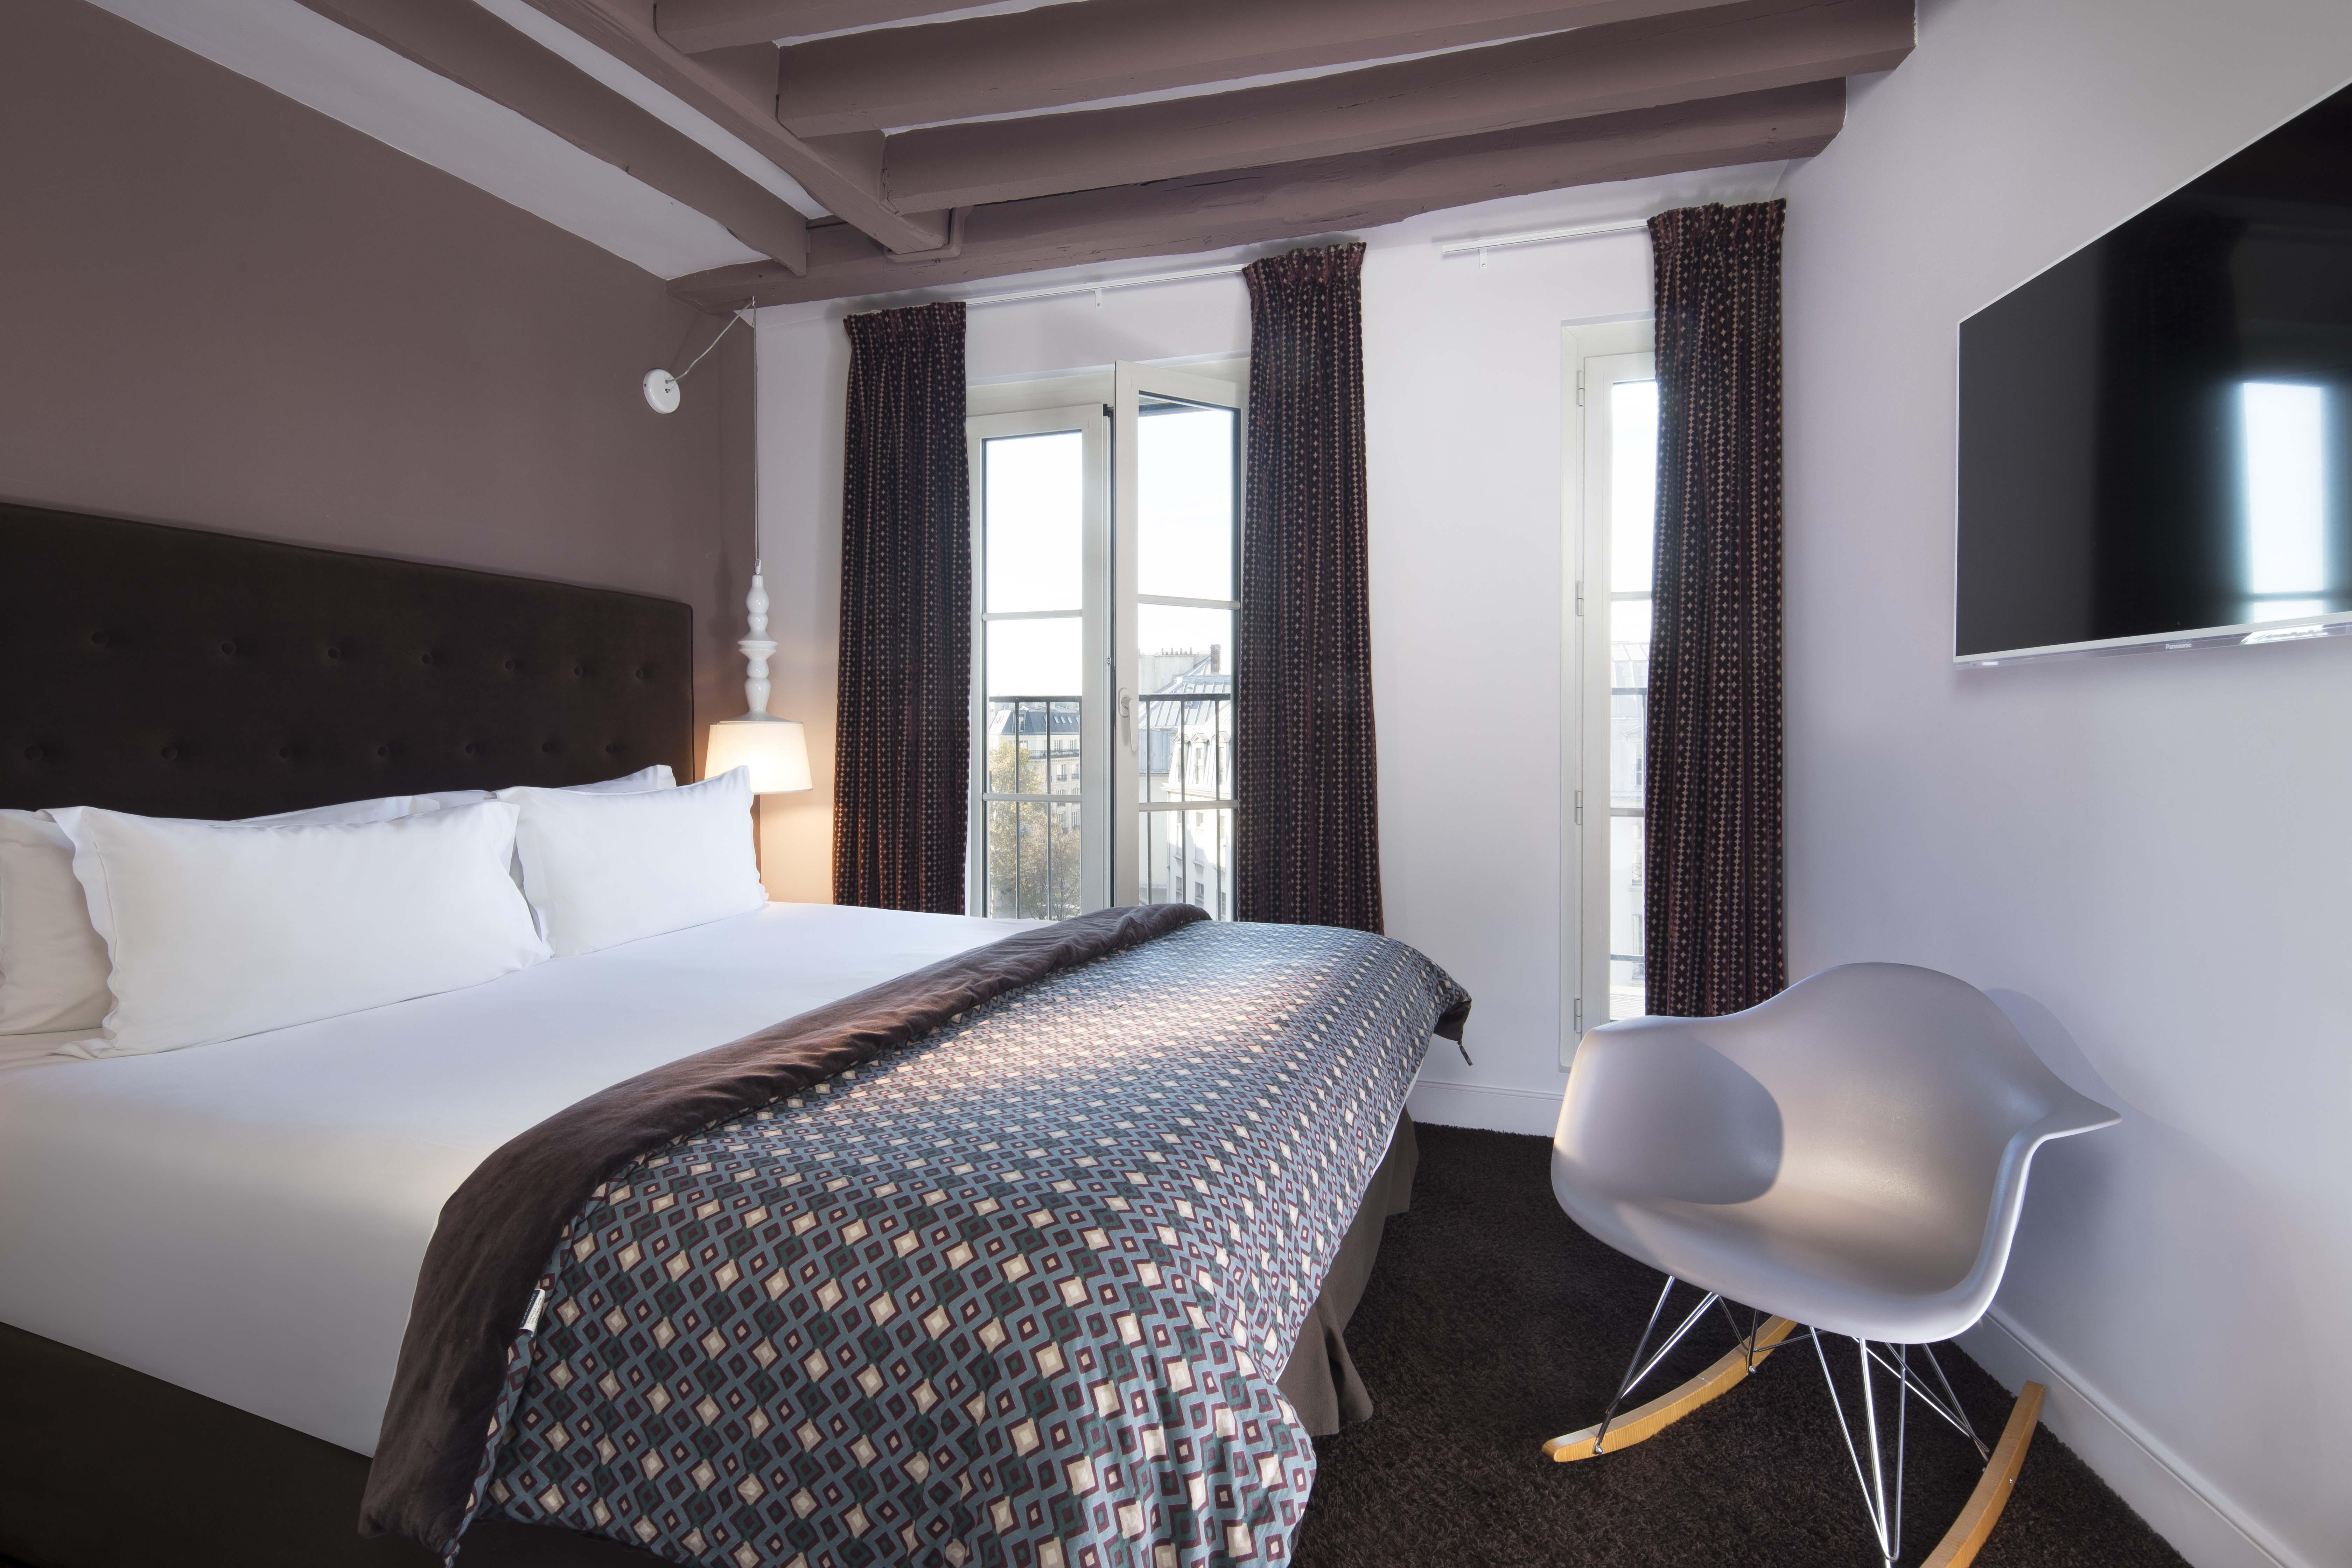 Hôtel marais hôme - paris a Paris